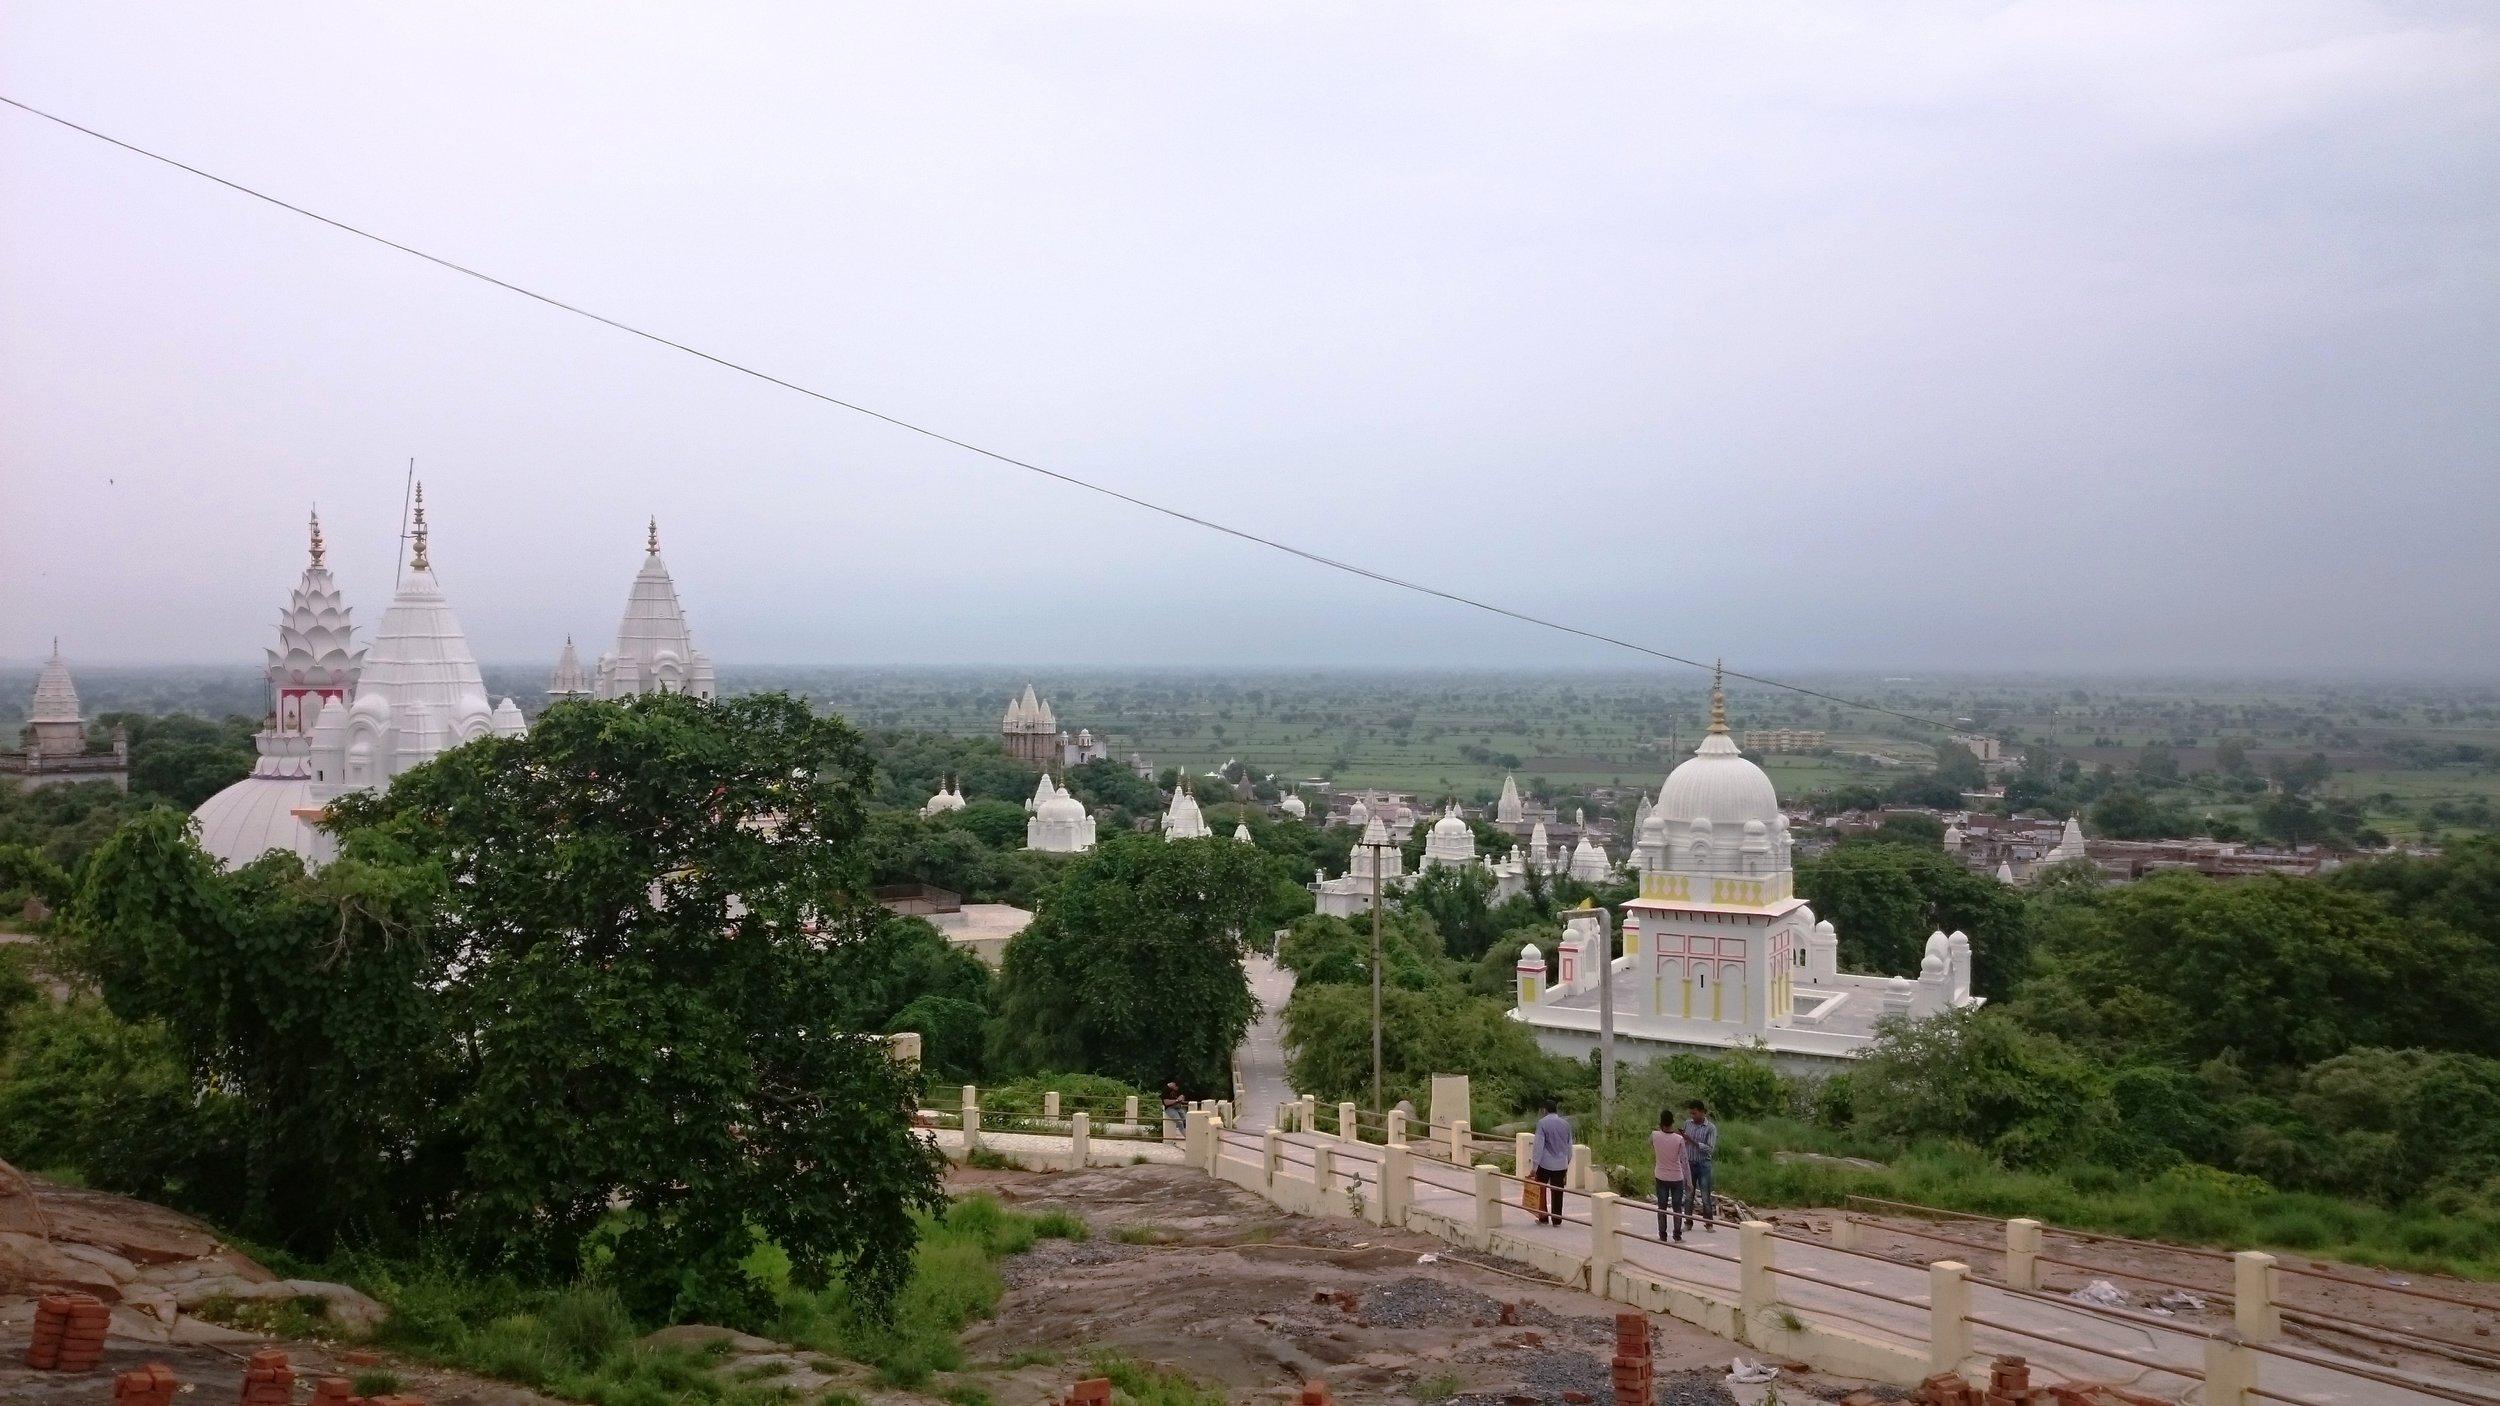 Sonagiri Jain